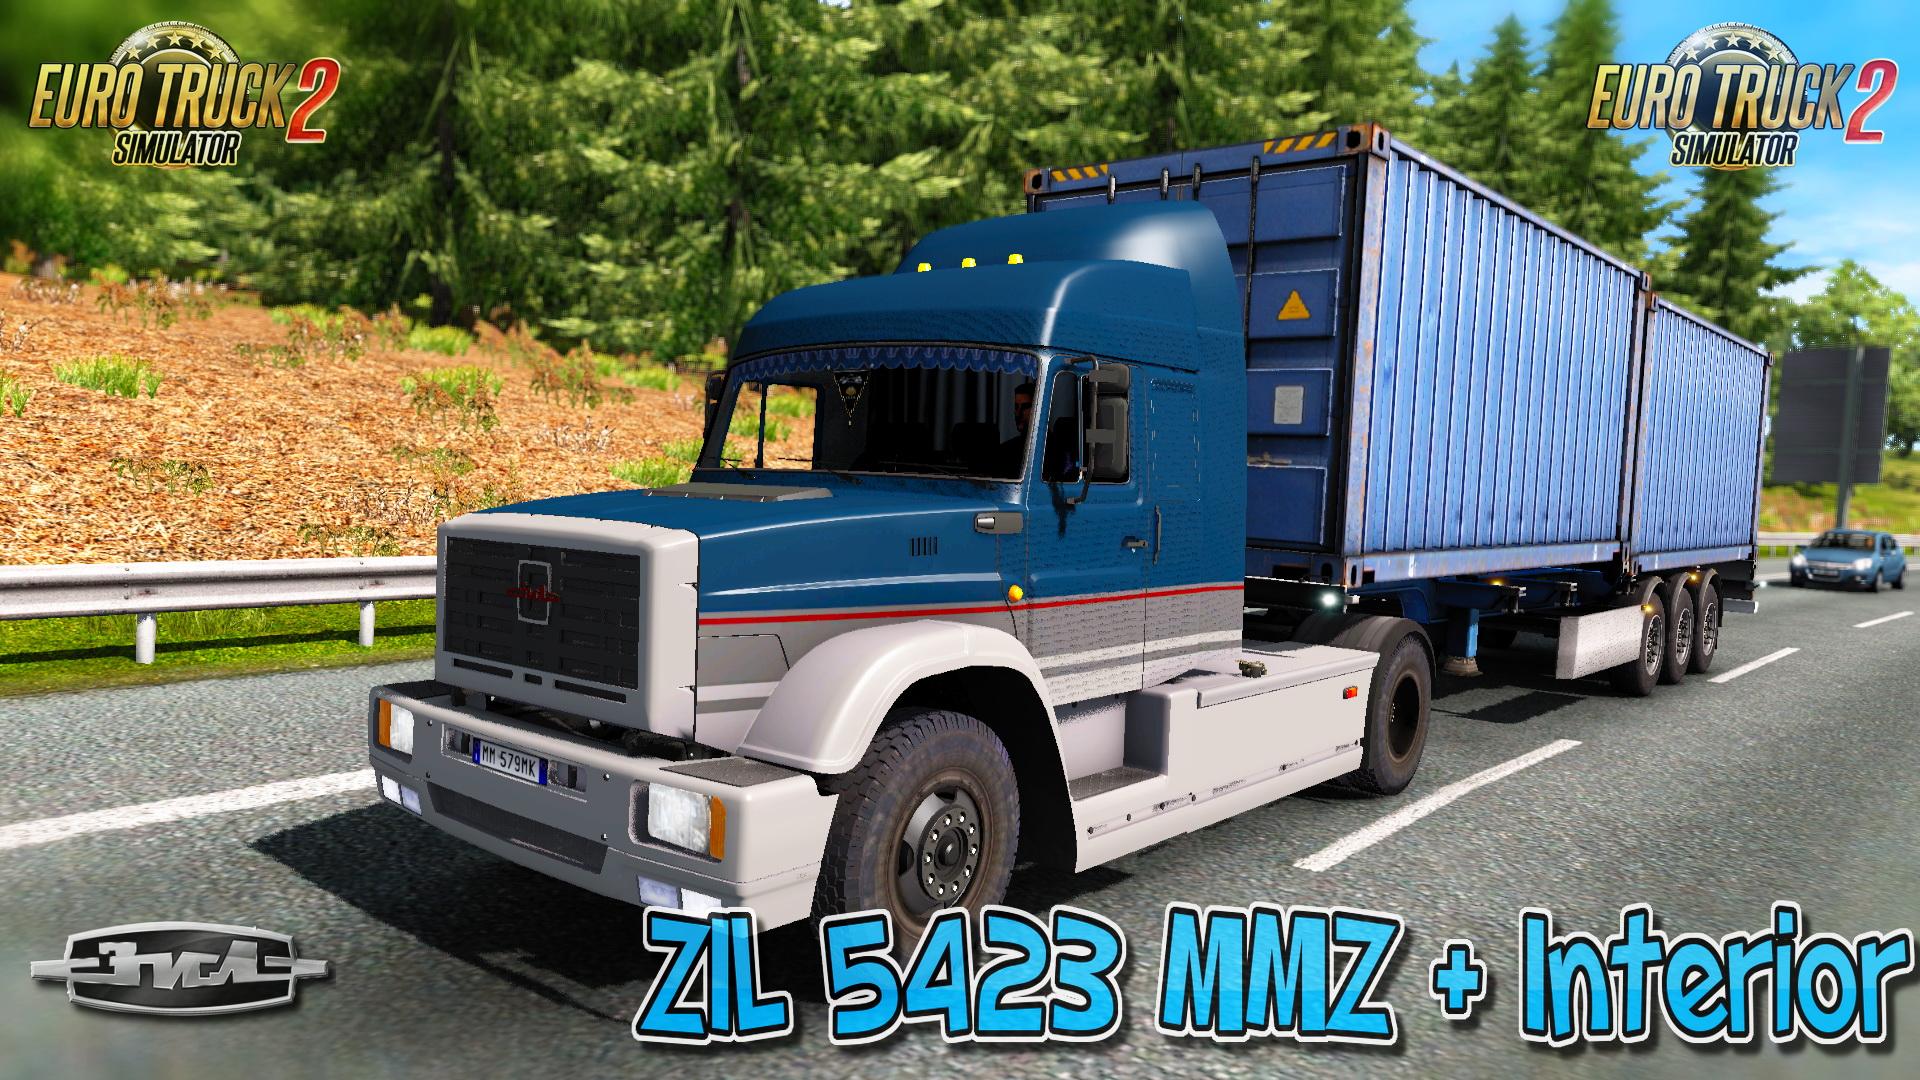 zil 5423 mmz interior v2 5 download ets 2 mods truck mods euro truck simulator 2. Black Bedroom Furniture Sets. Home Design Ideas